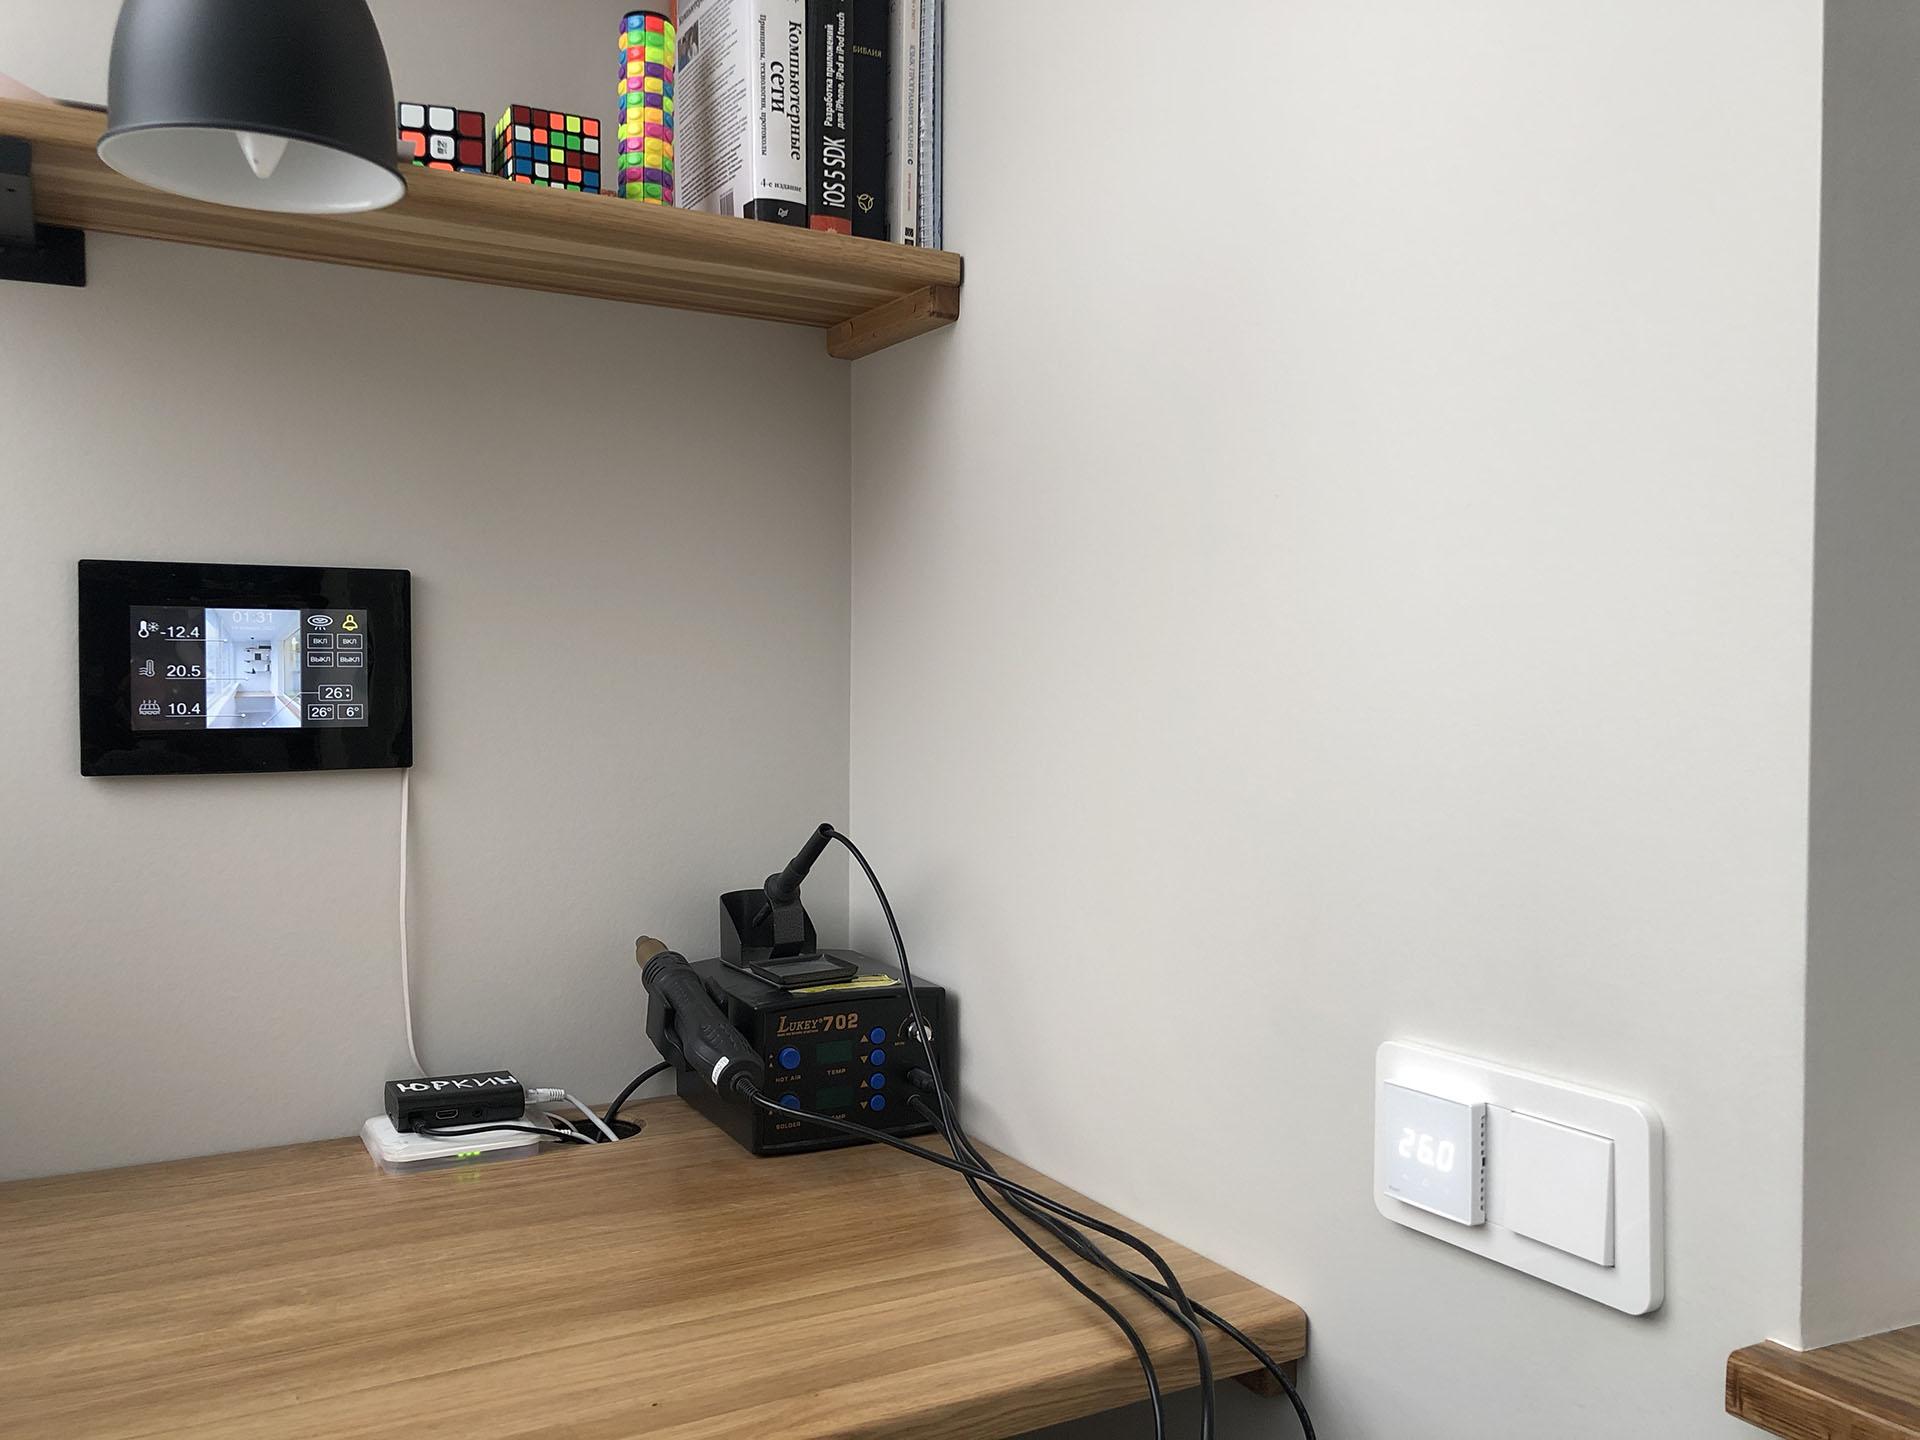 Разработка Z-Wave бесшумного выключателя и автоматизация на балконе - 1